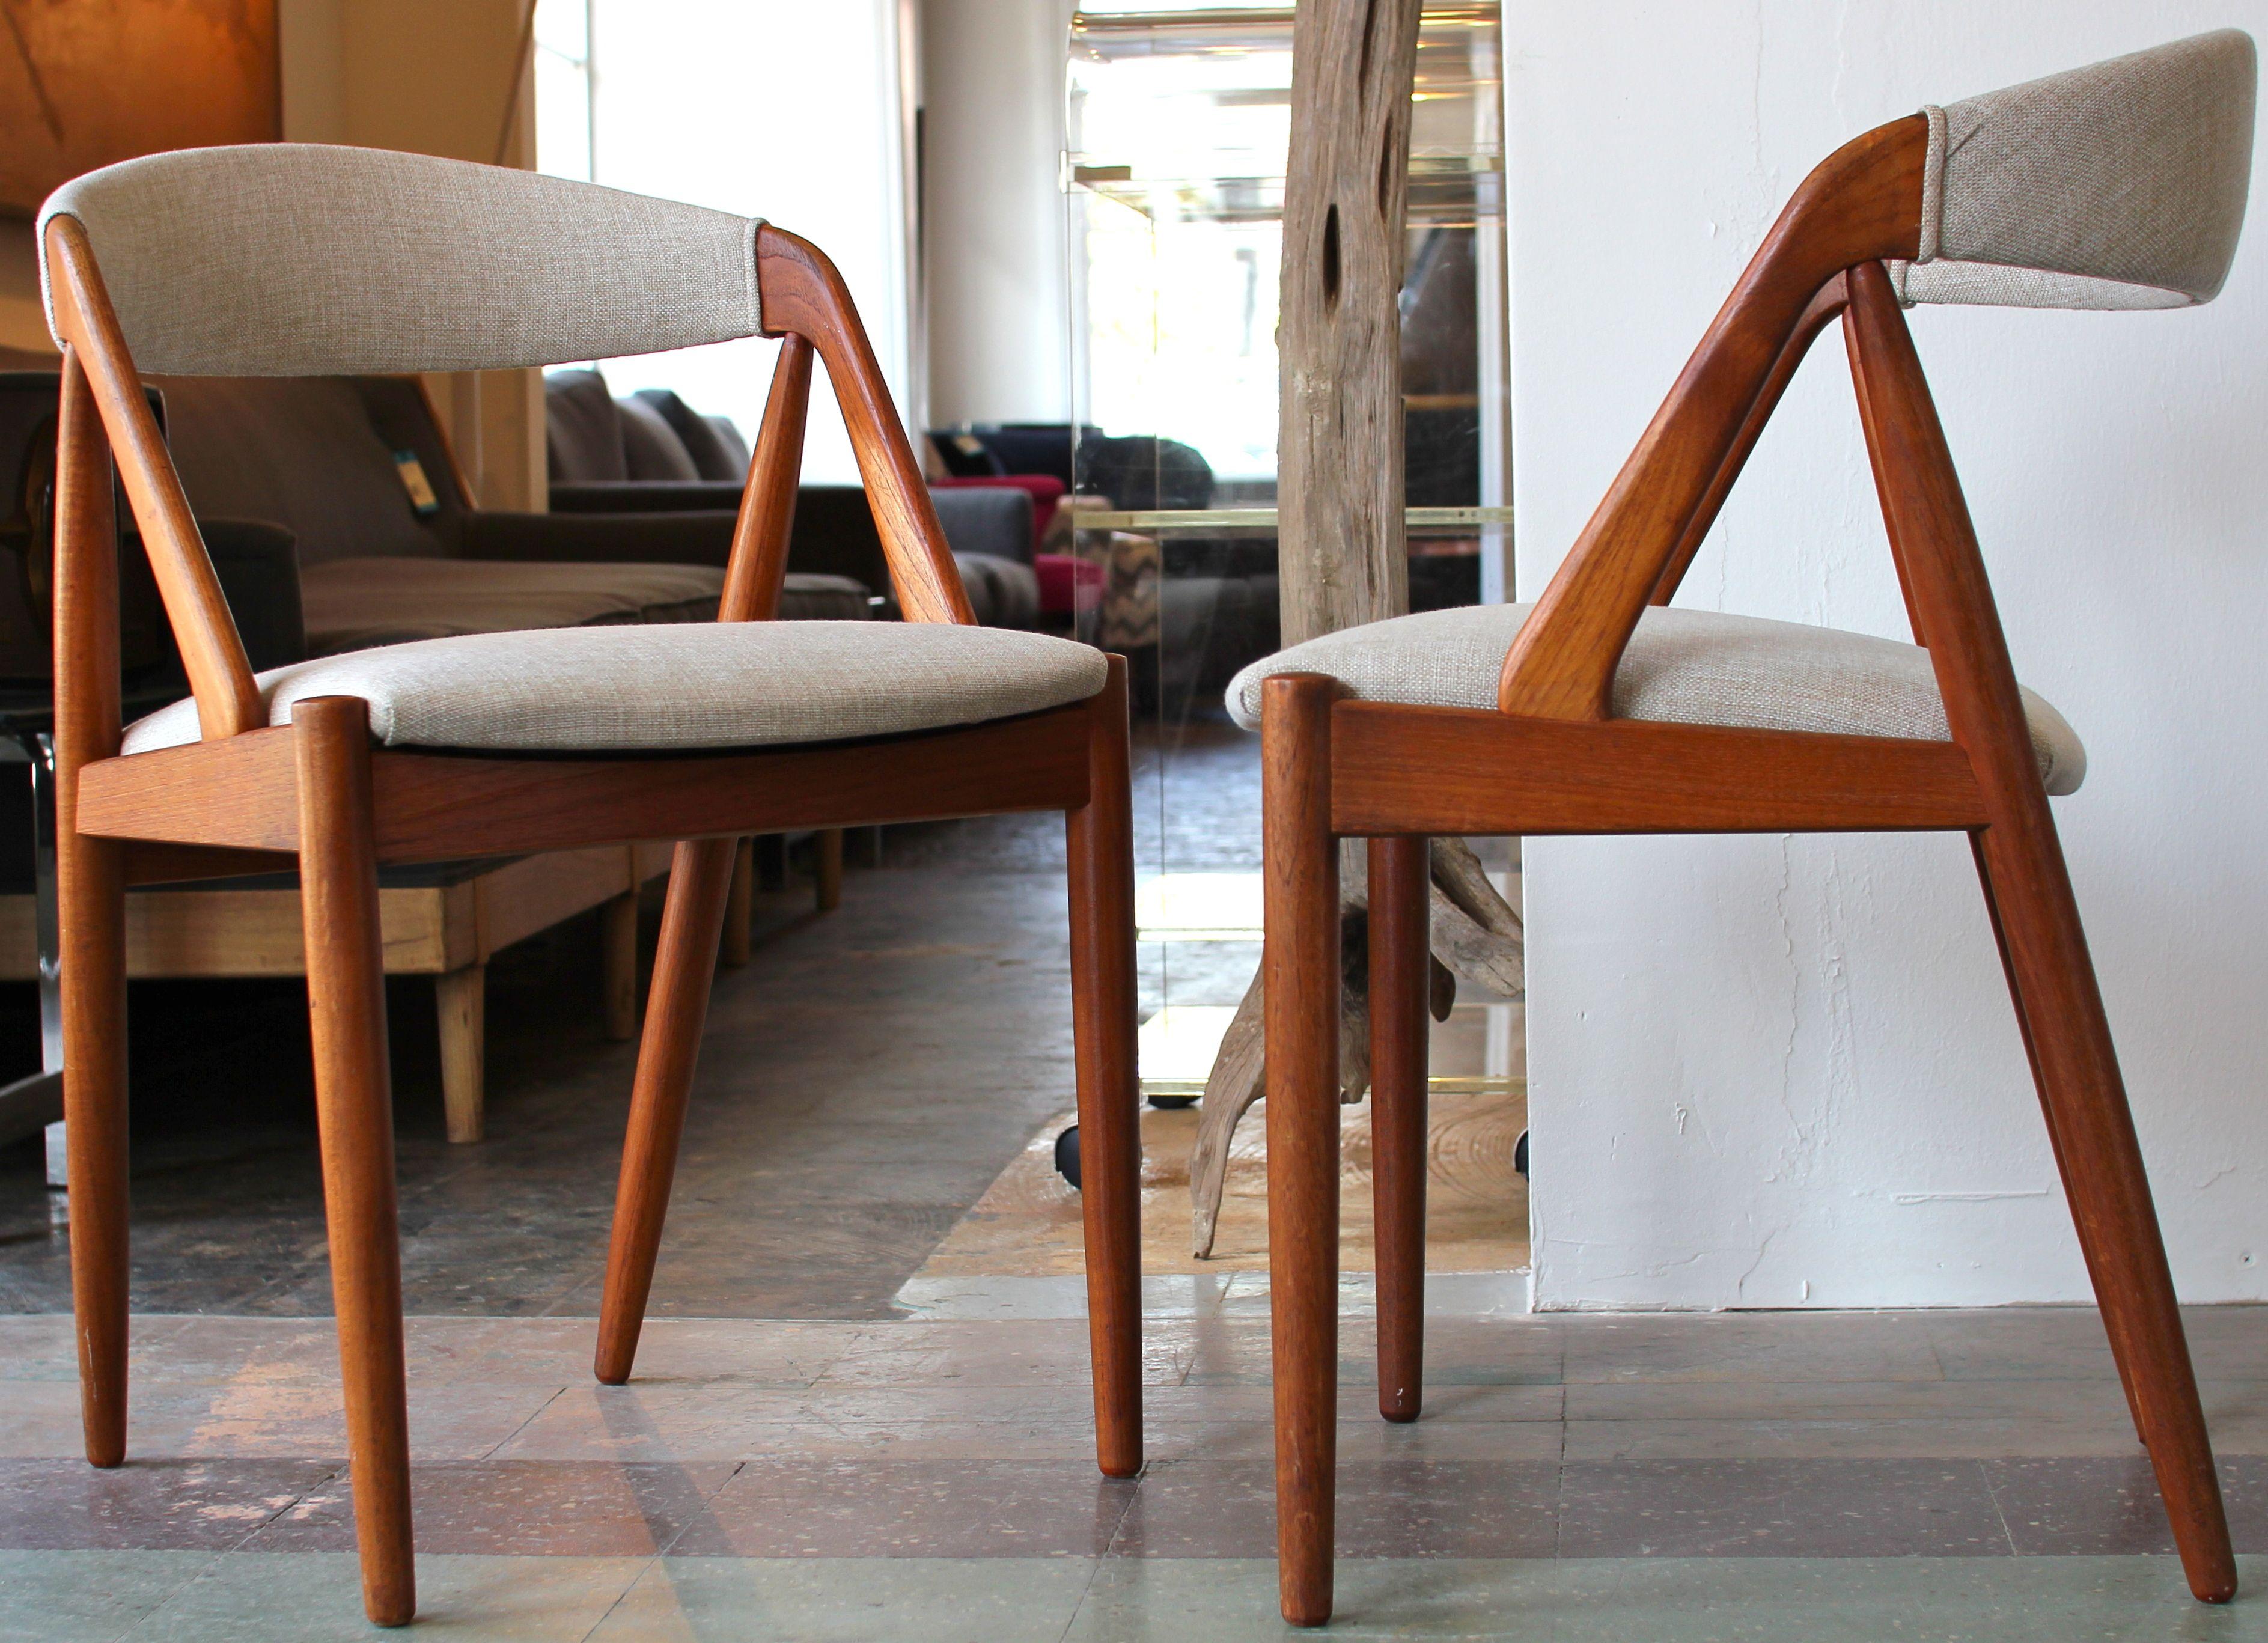 Danish Design Dining Chairs  Interior Design  Decorating